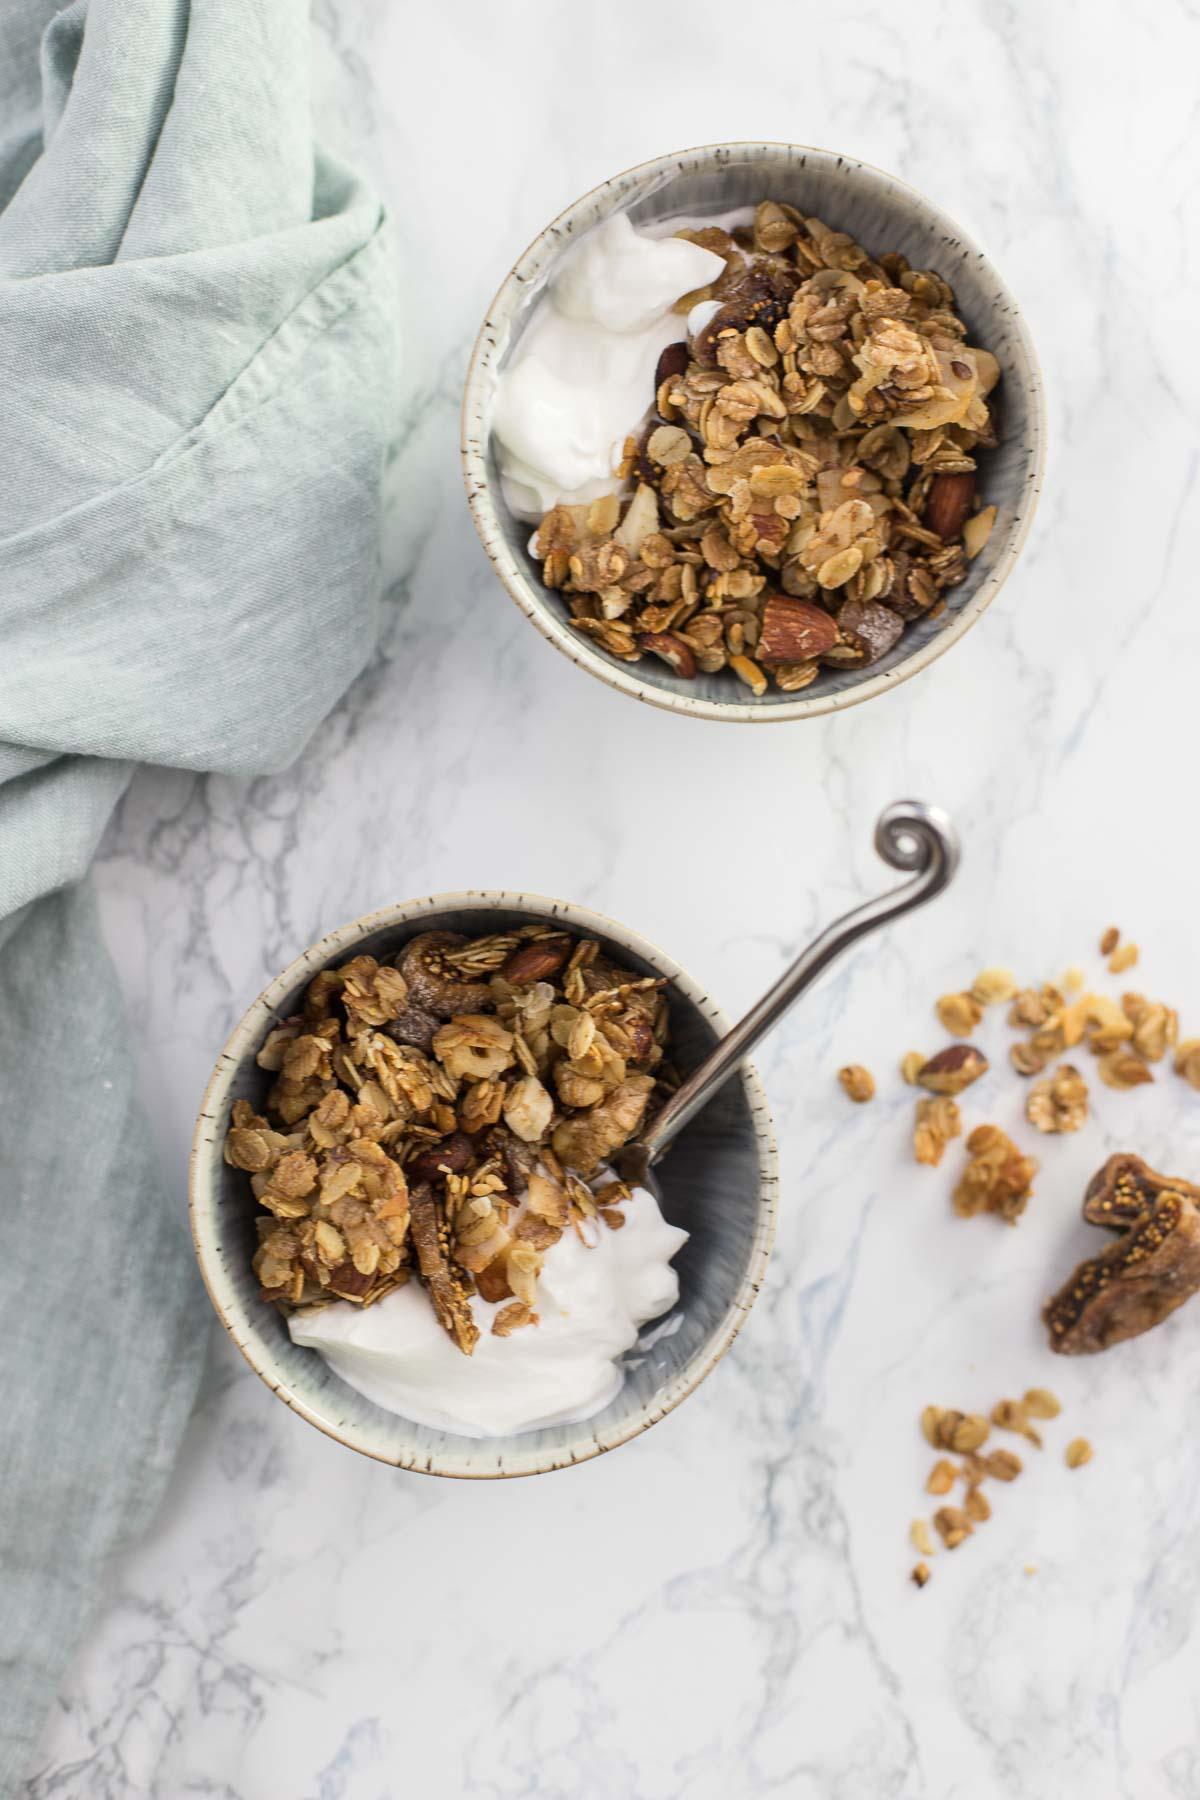 Knuspermüsli Rezept (Granola) mit Feigen, Kokosnuss und Nüssen